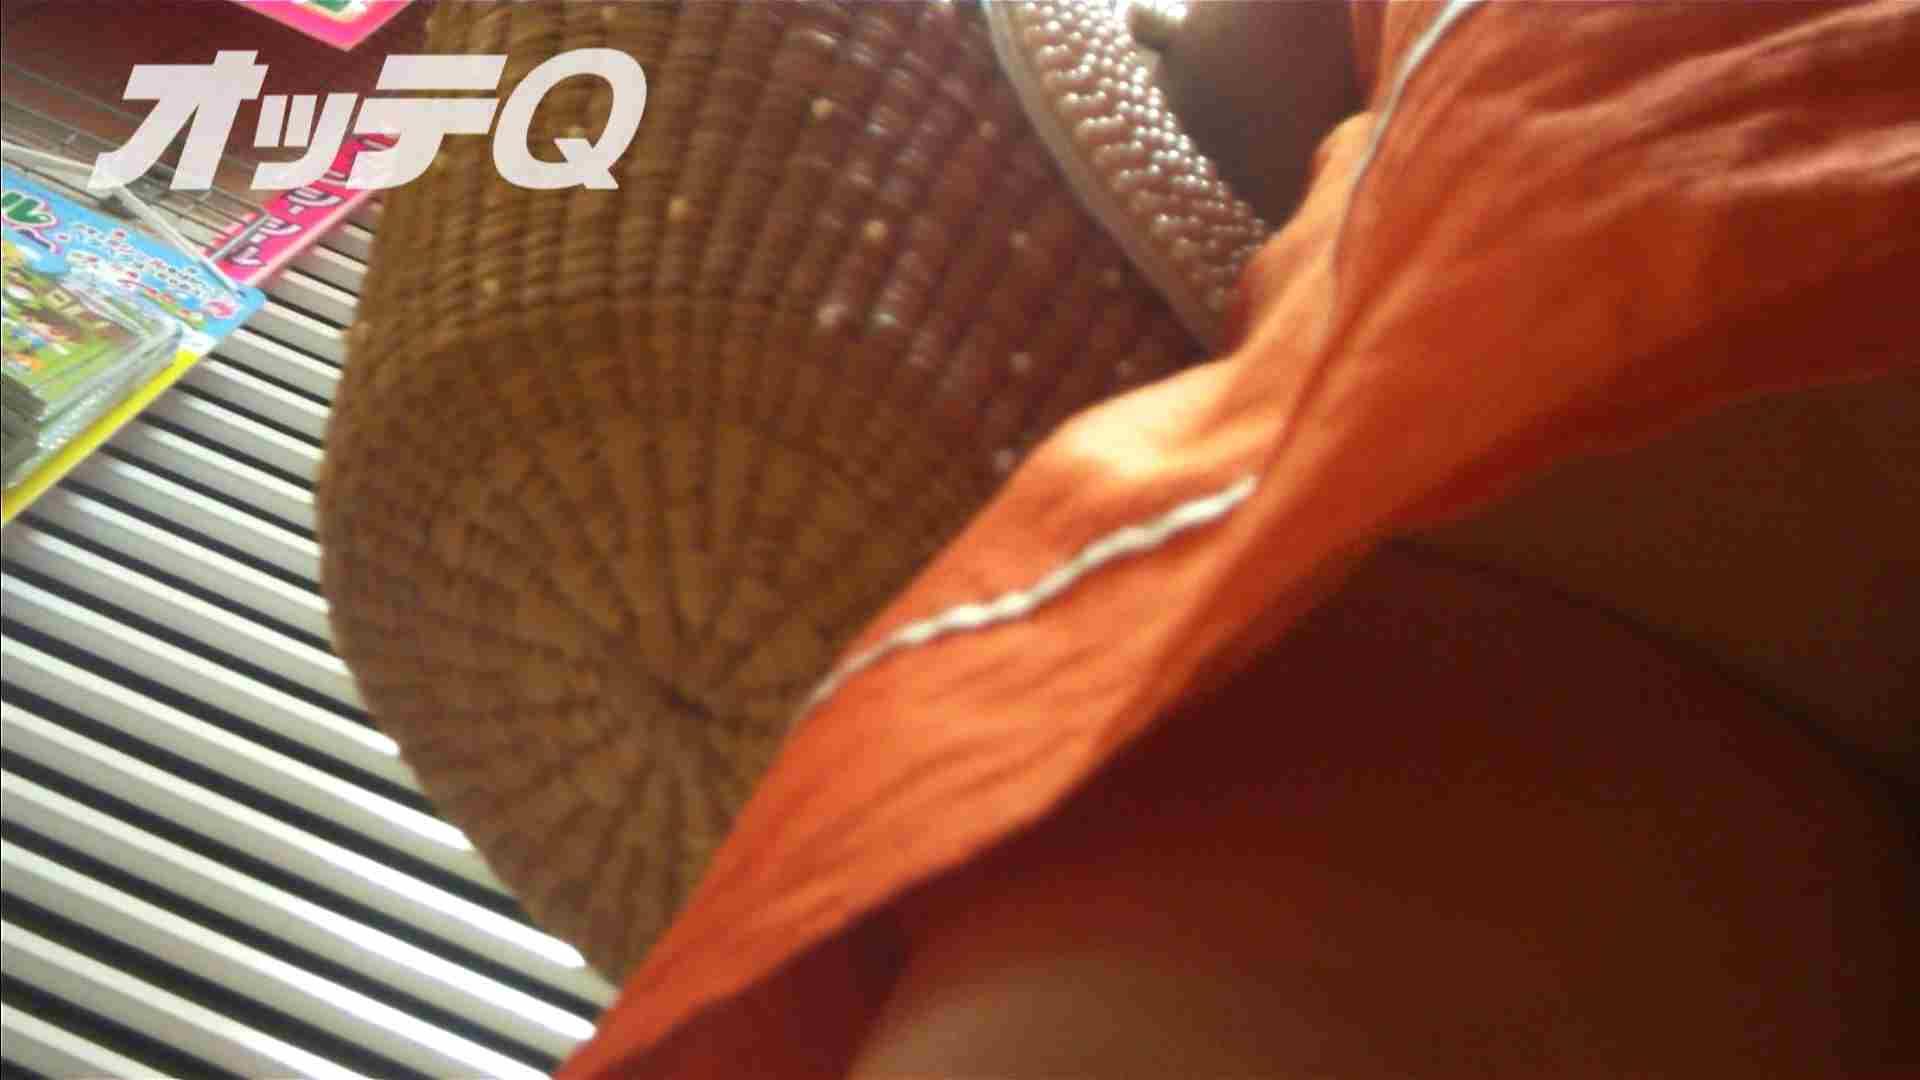 ハイビジョンパンチラ オッテQさんの追跡パンチラデパート編VOL.06 OL裸体 | チラ系  64画像 44